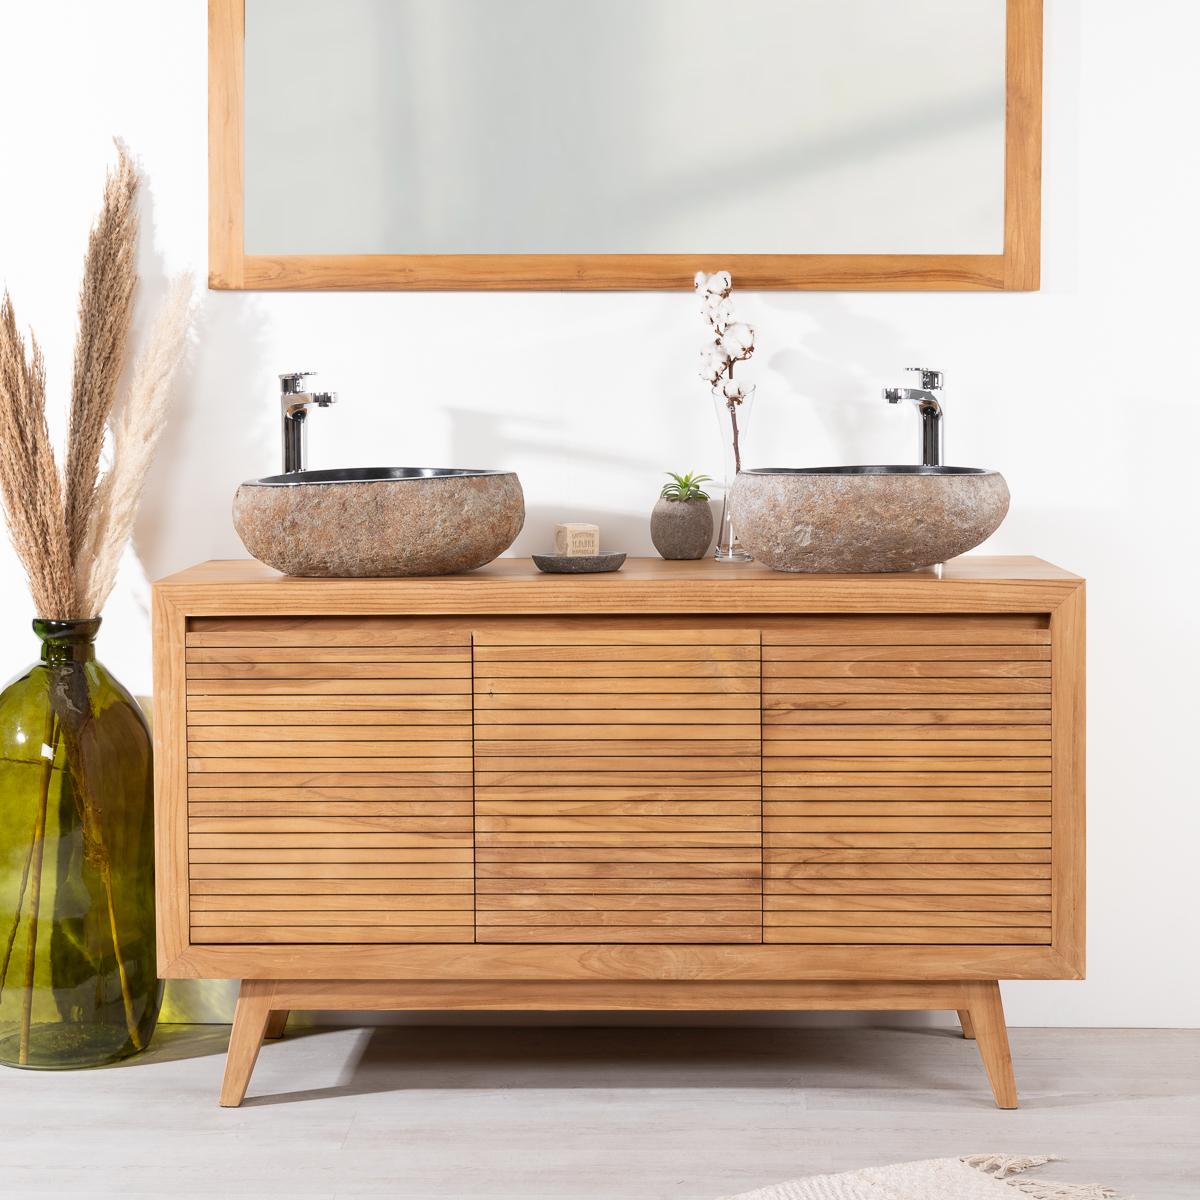 Salle De Bain En Longueur meuble salle de bain en teck vintage 140